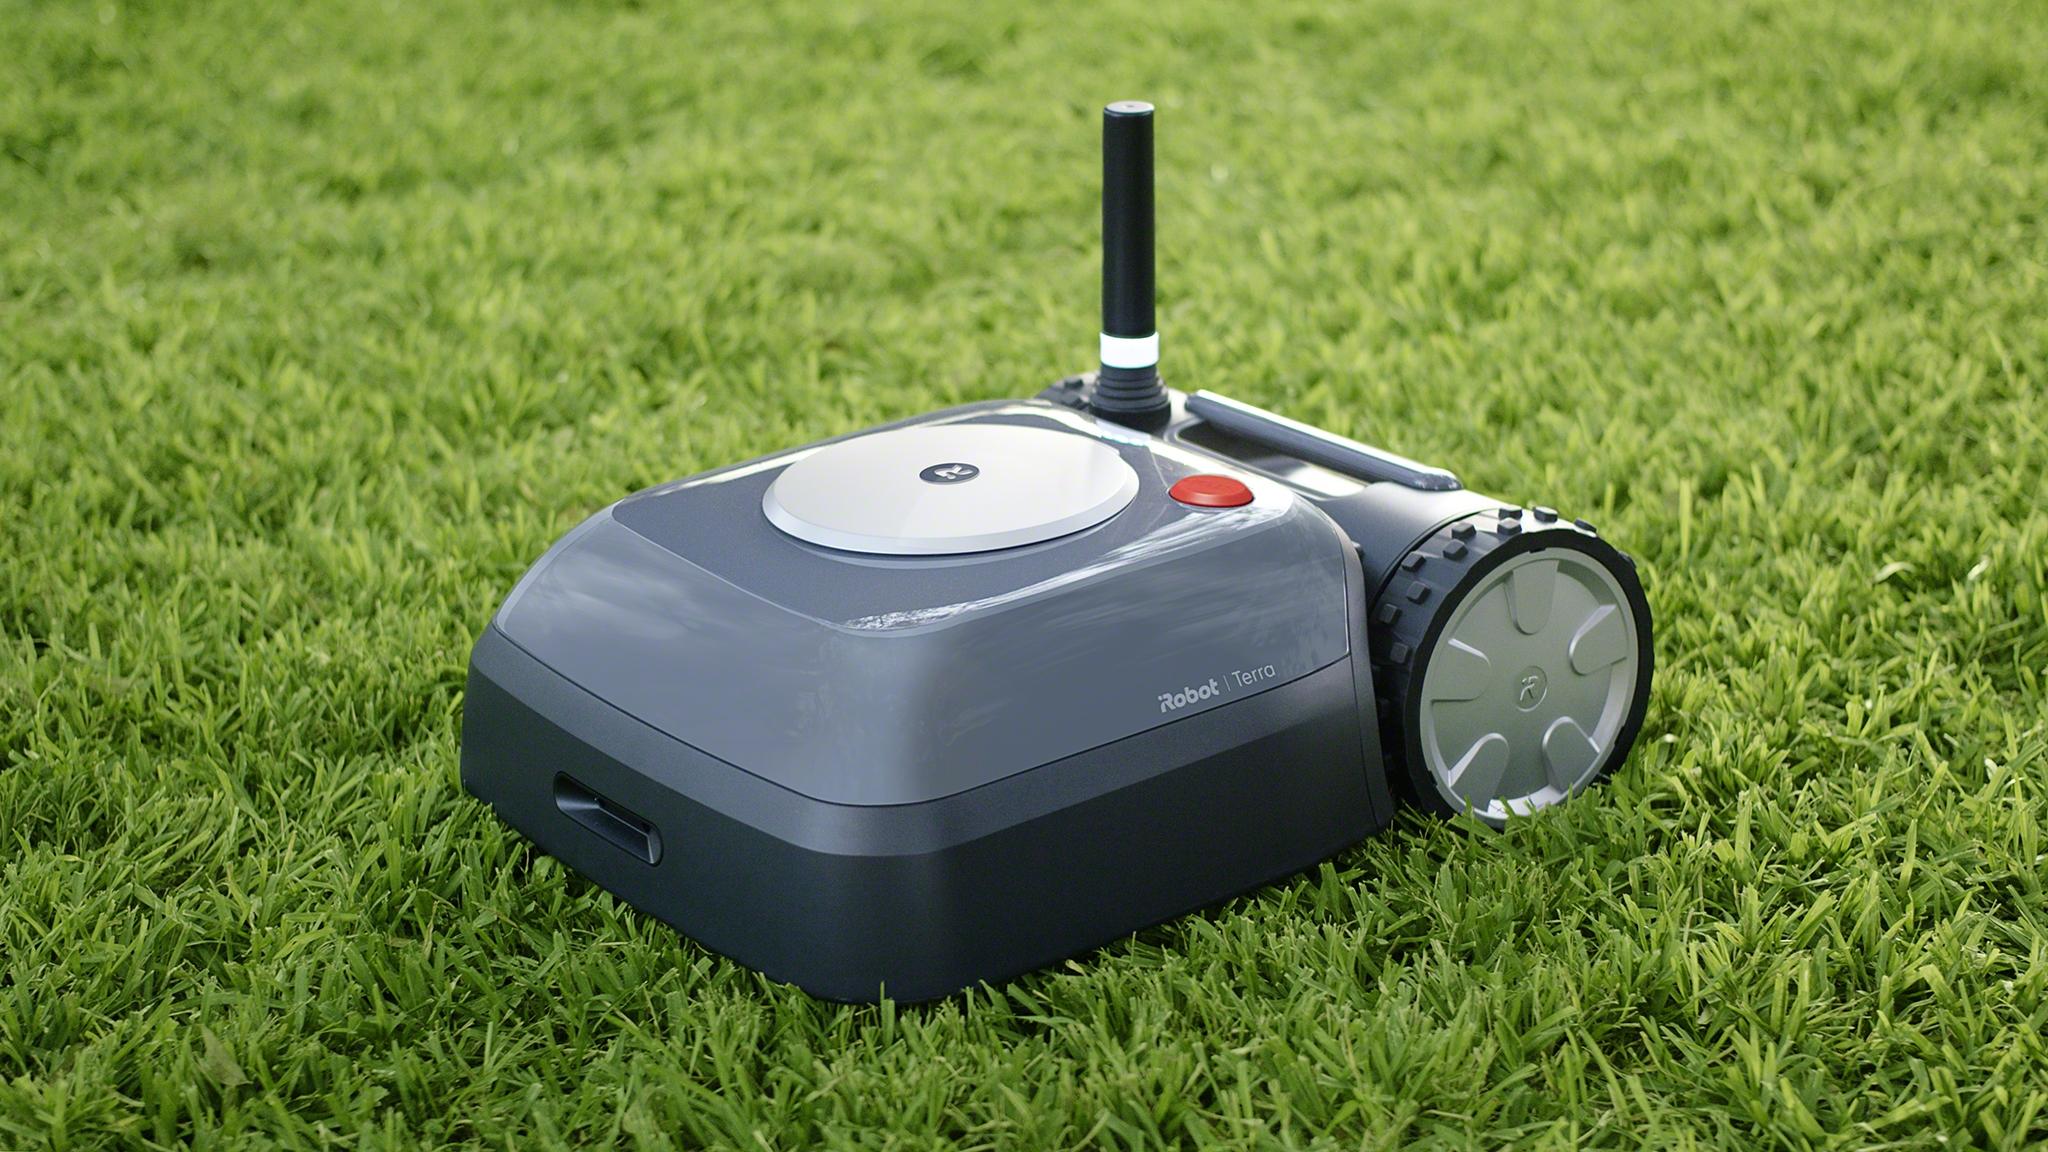 iRobot's new Terra Lawn mower in short green grass